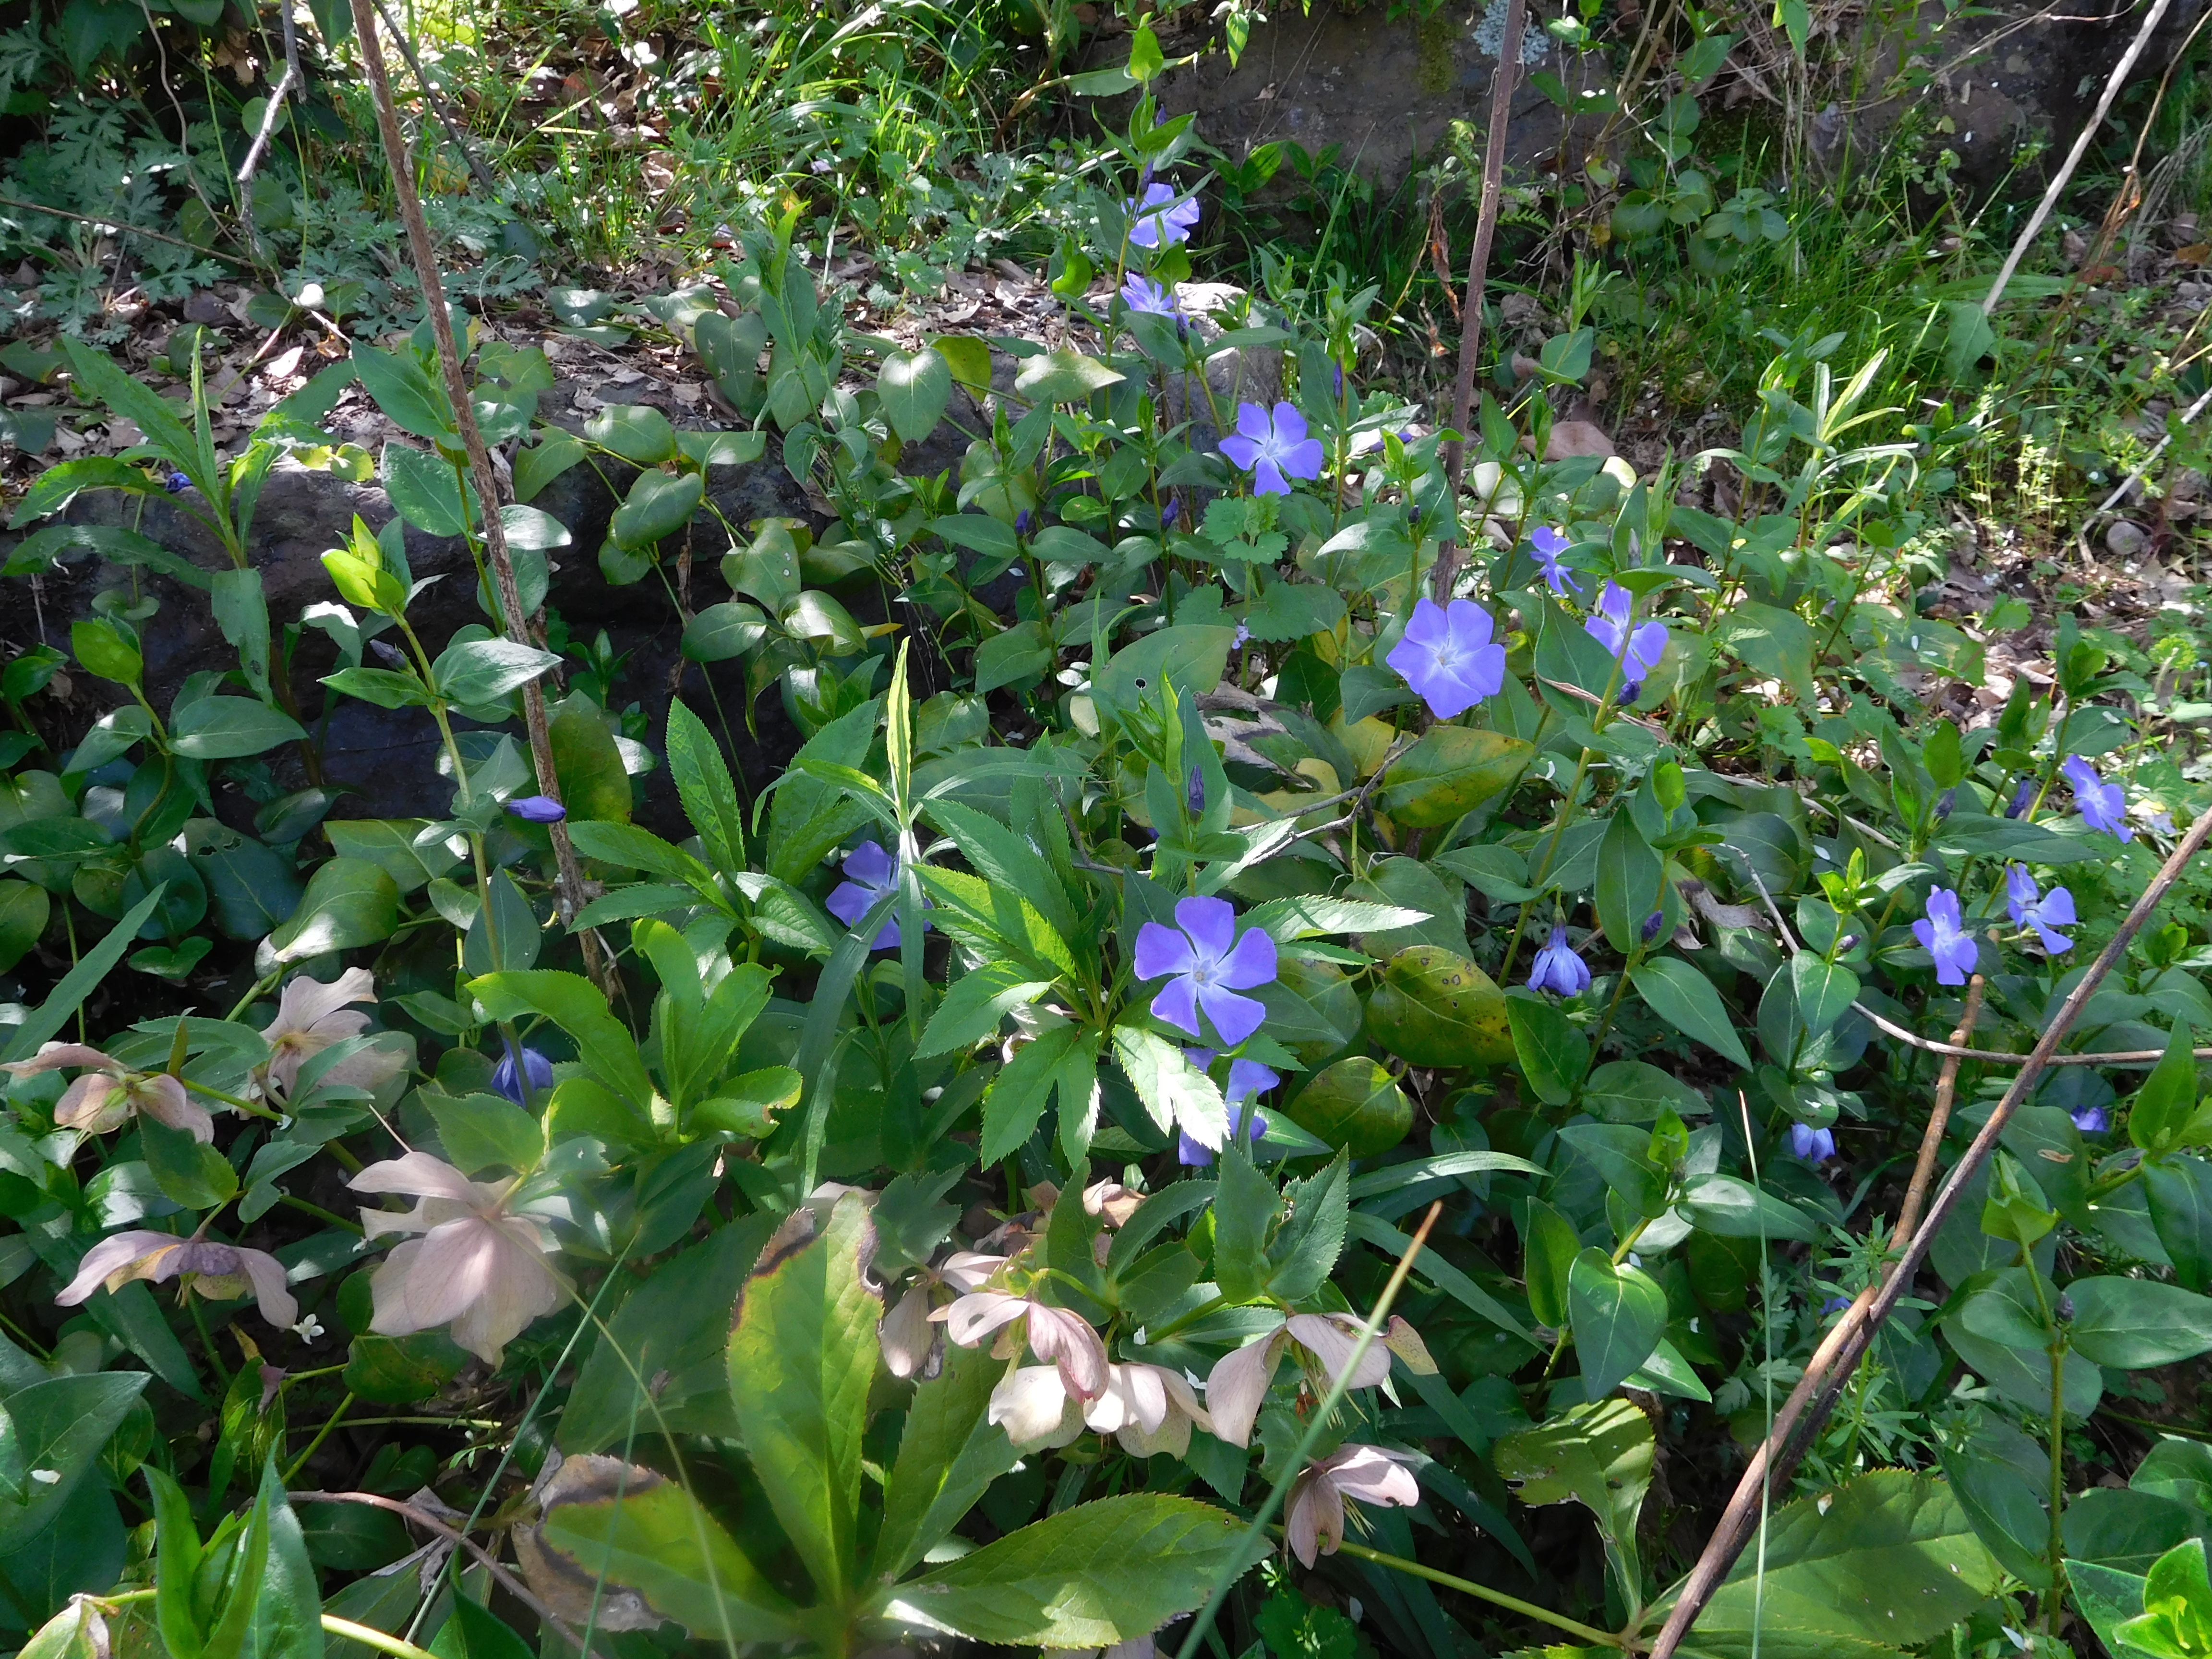 ツルニチニチソウのお花の写真です。